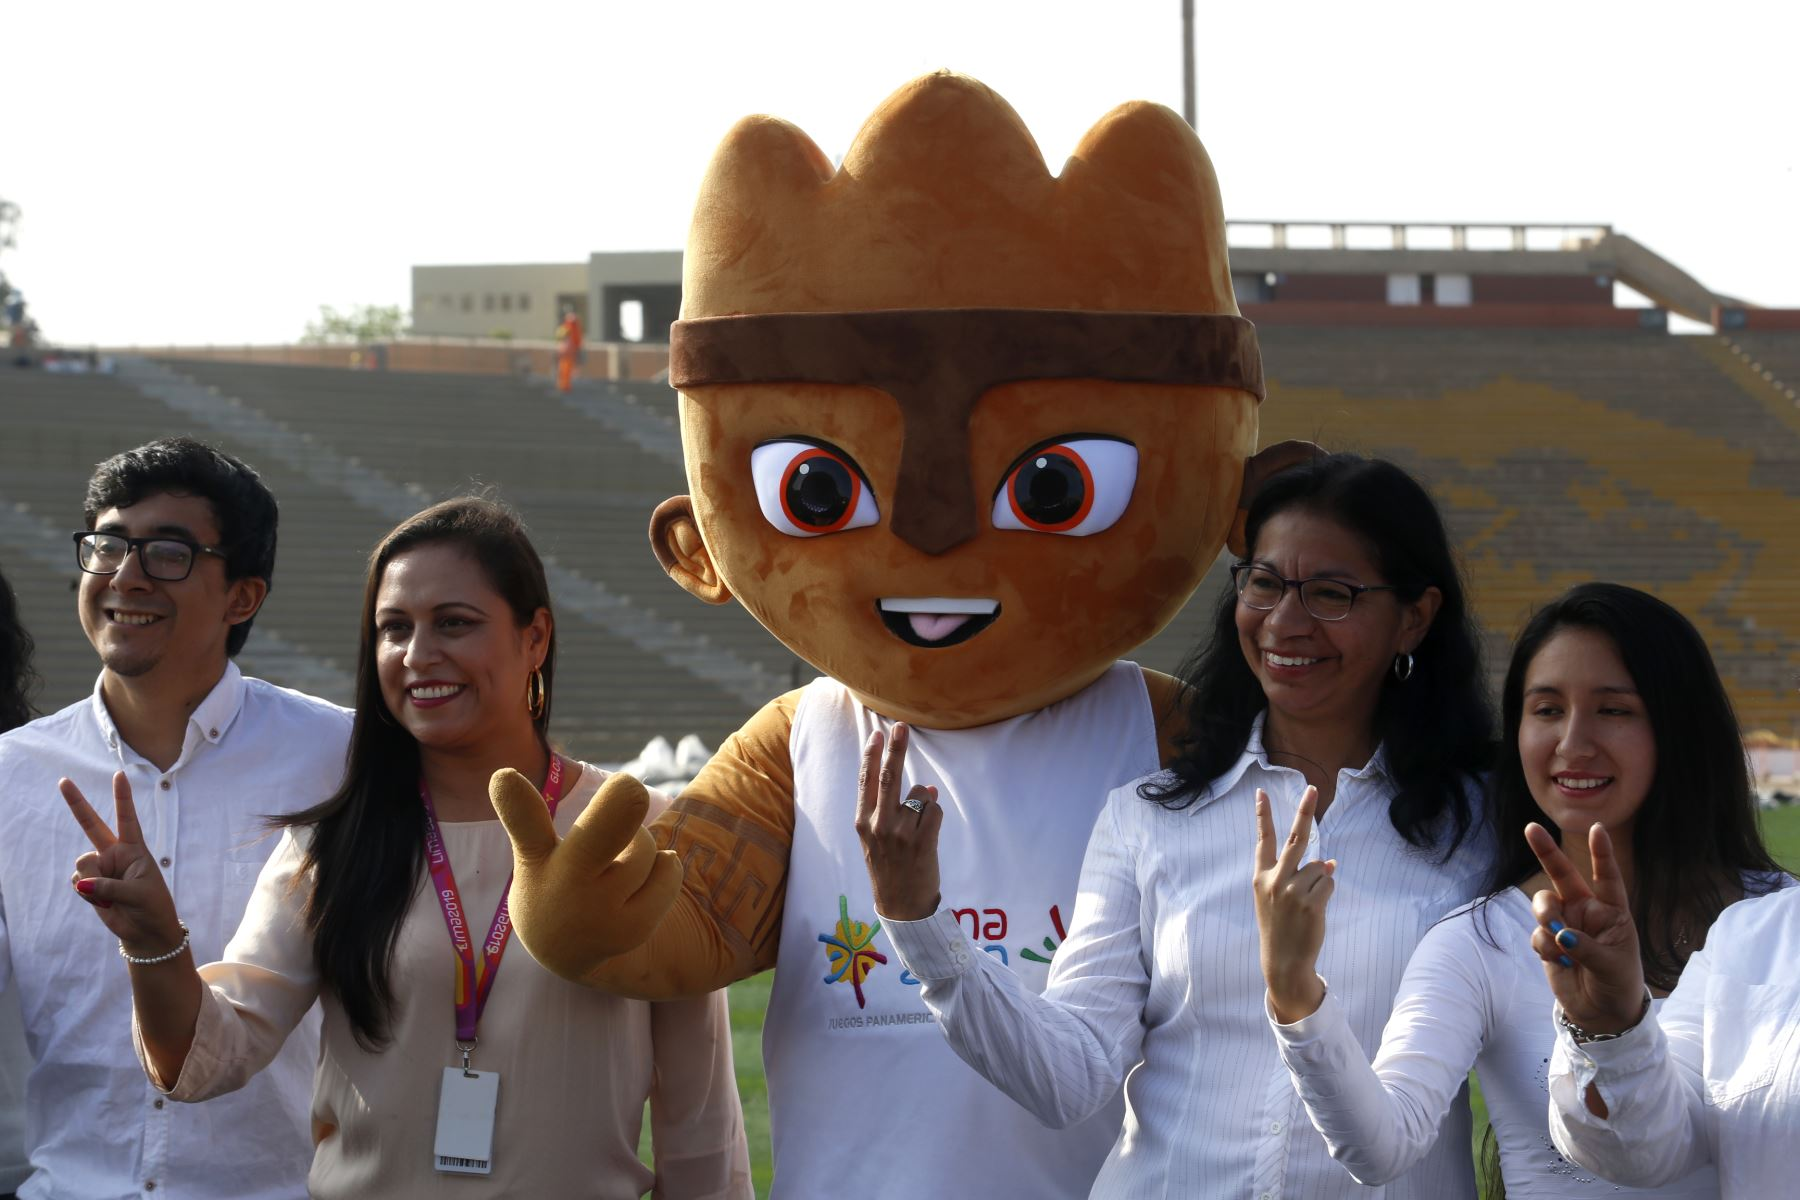 Programa de voluntariado Lima 2019 preparará a 19,000 personas del país y el mundo para que cumplan labores de apoyo en Juegos Panamericanos y Parapanamericanos. ANDINA/Nathalie Sayago